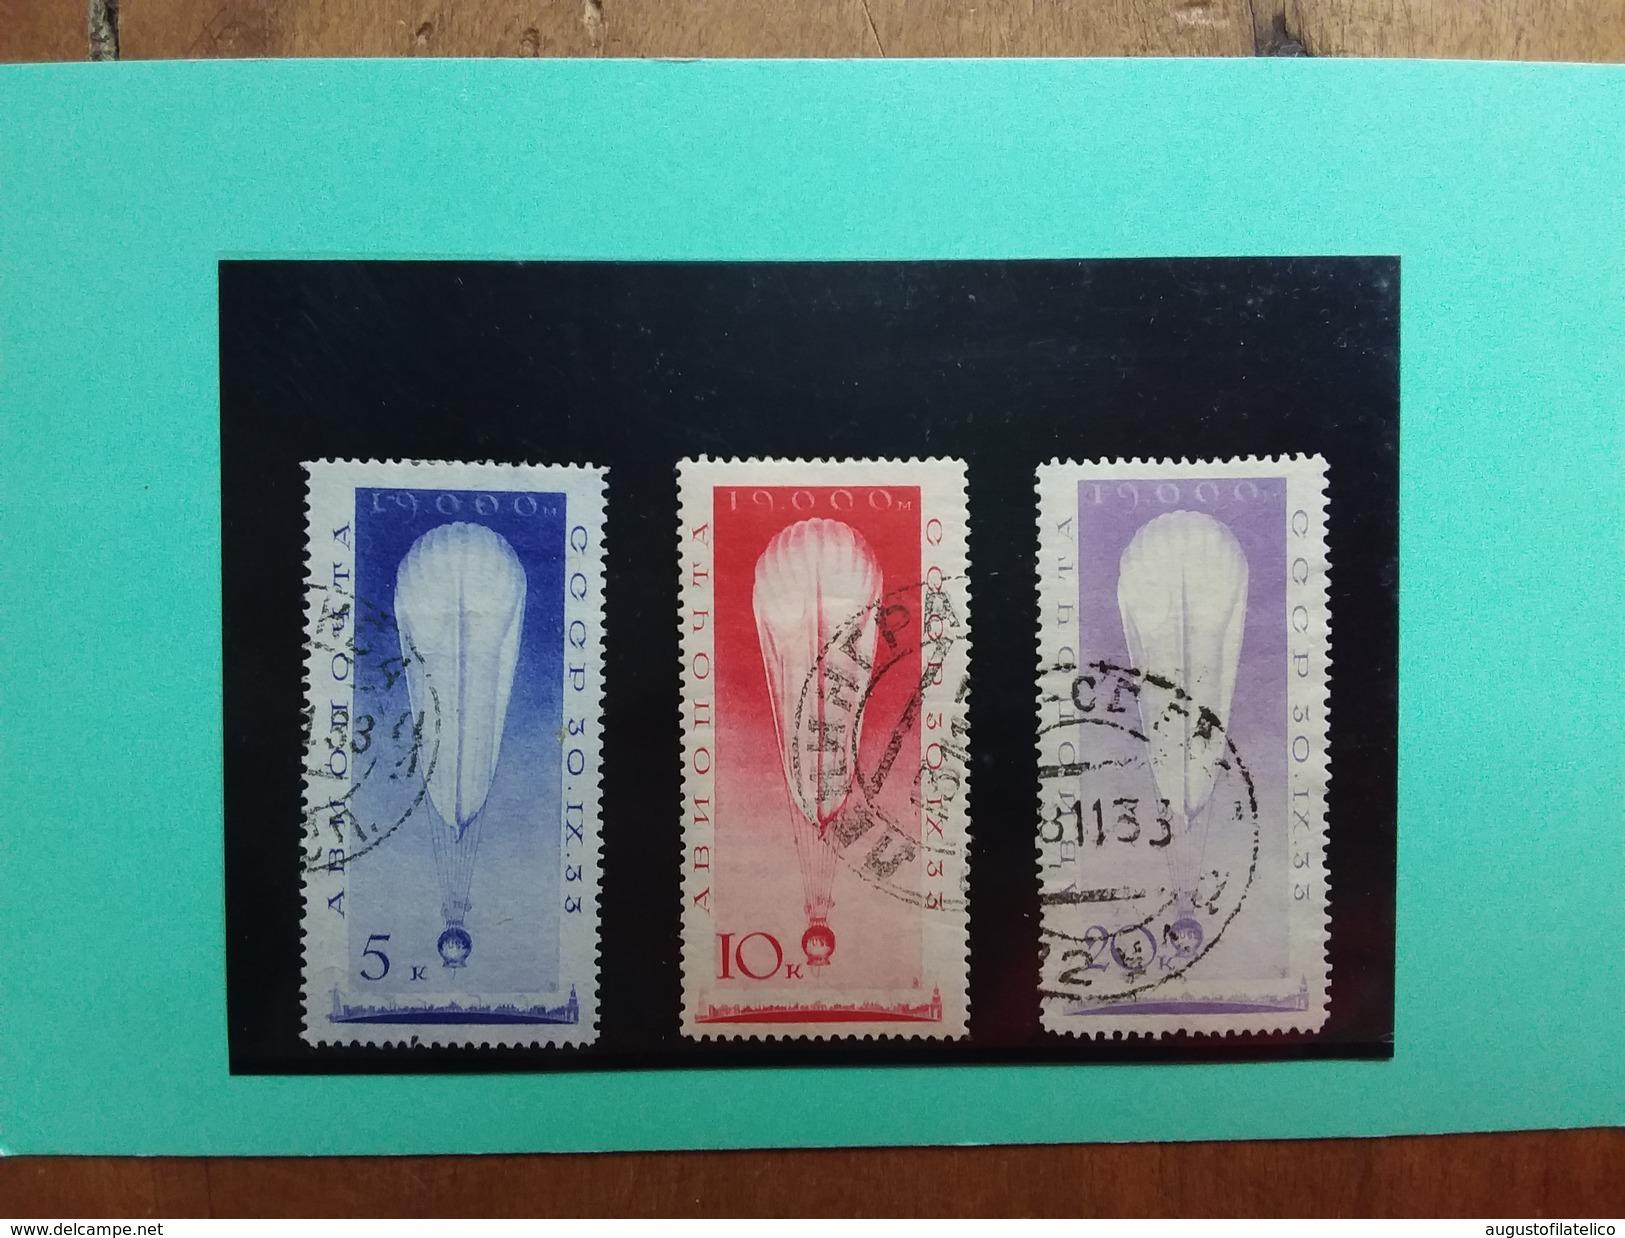 RUSSIA - Ascensione Pallone URSS Nn. A38/40 Timbrati + Spese Postali - 1923-1991 URSS